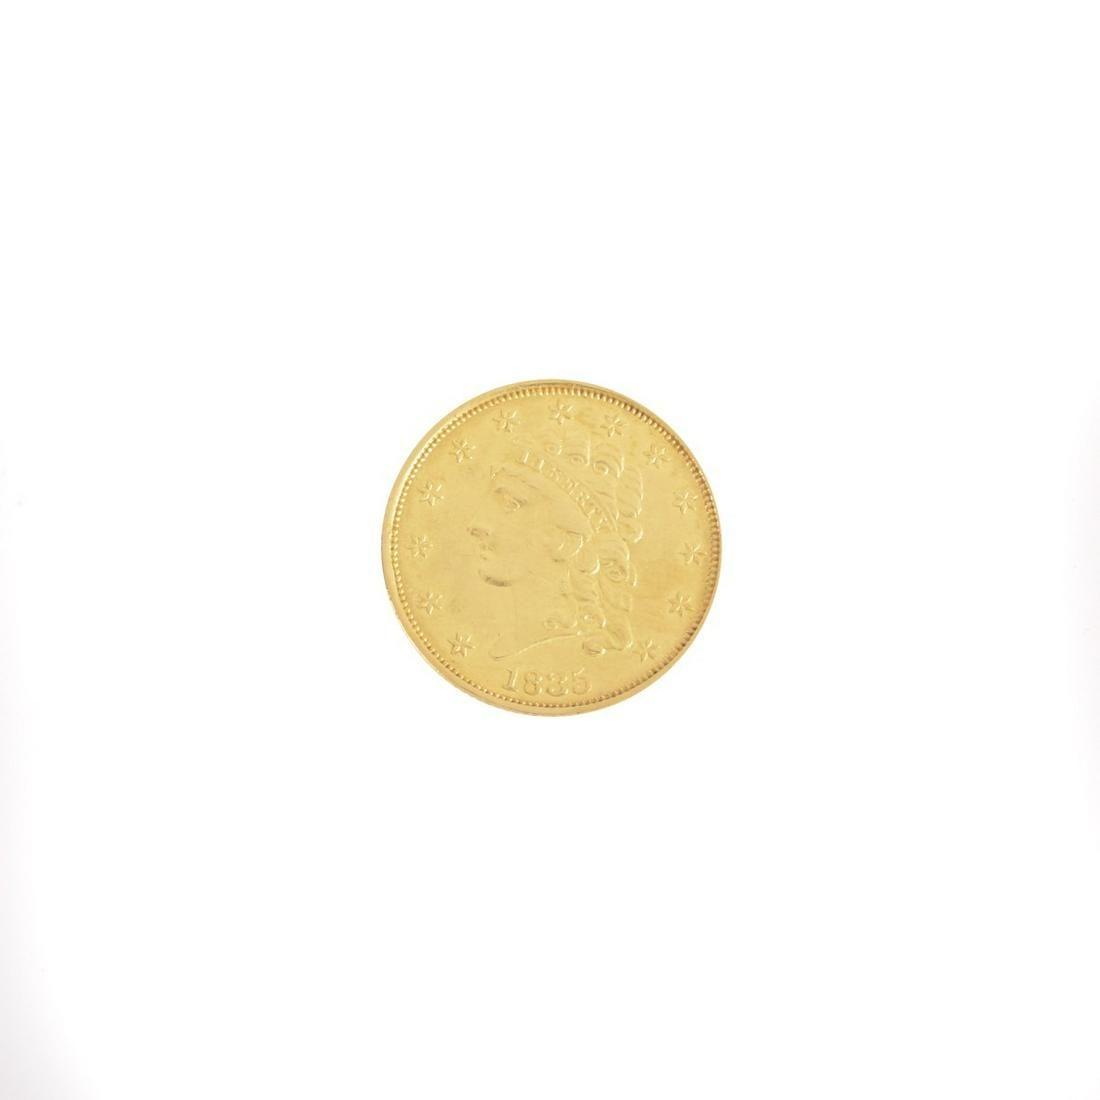 1835 US Gold Classic Head $2.50